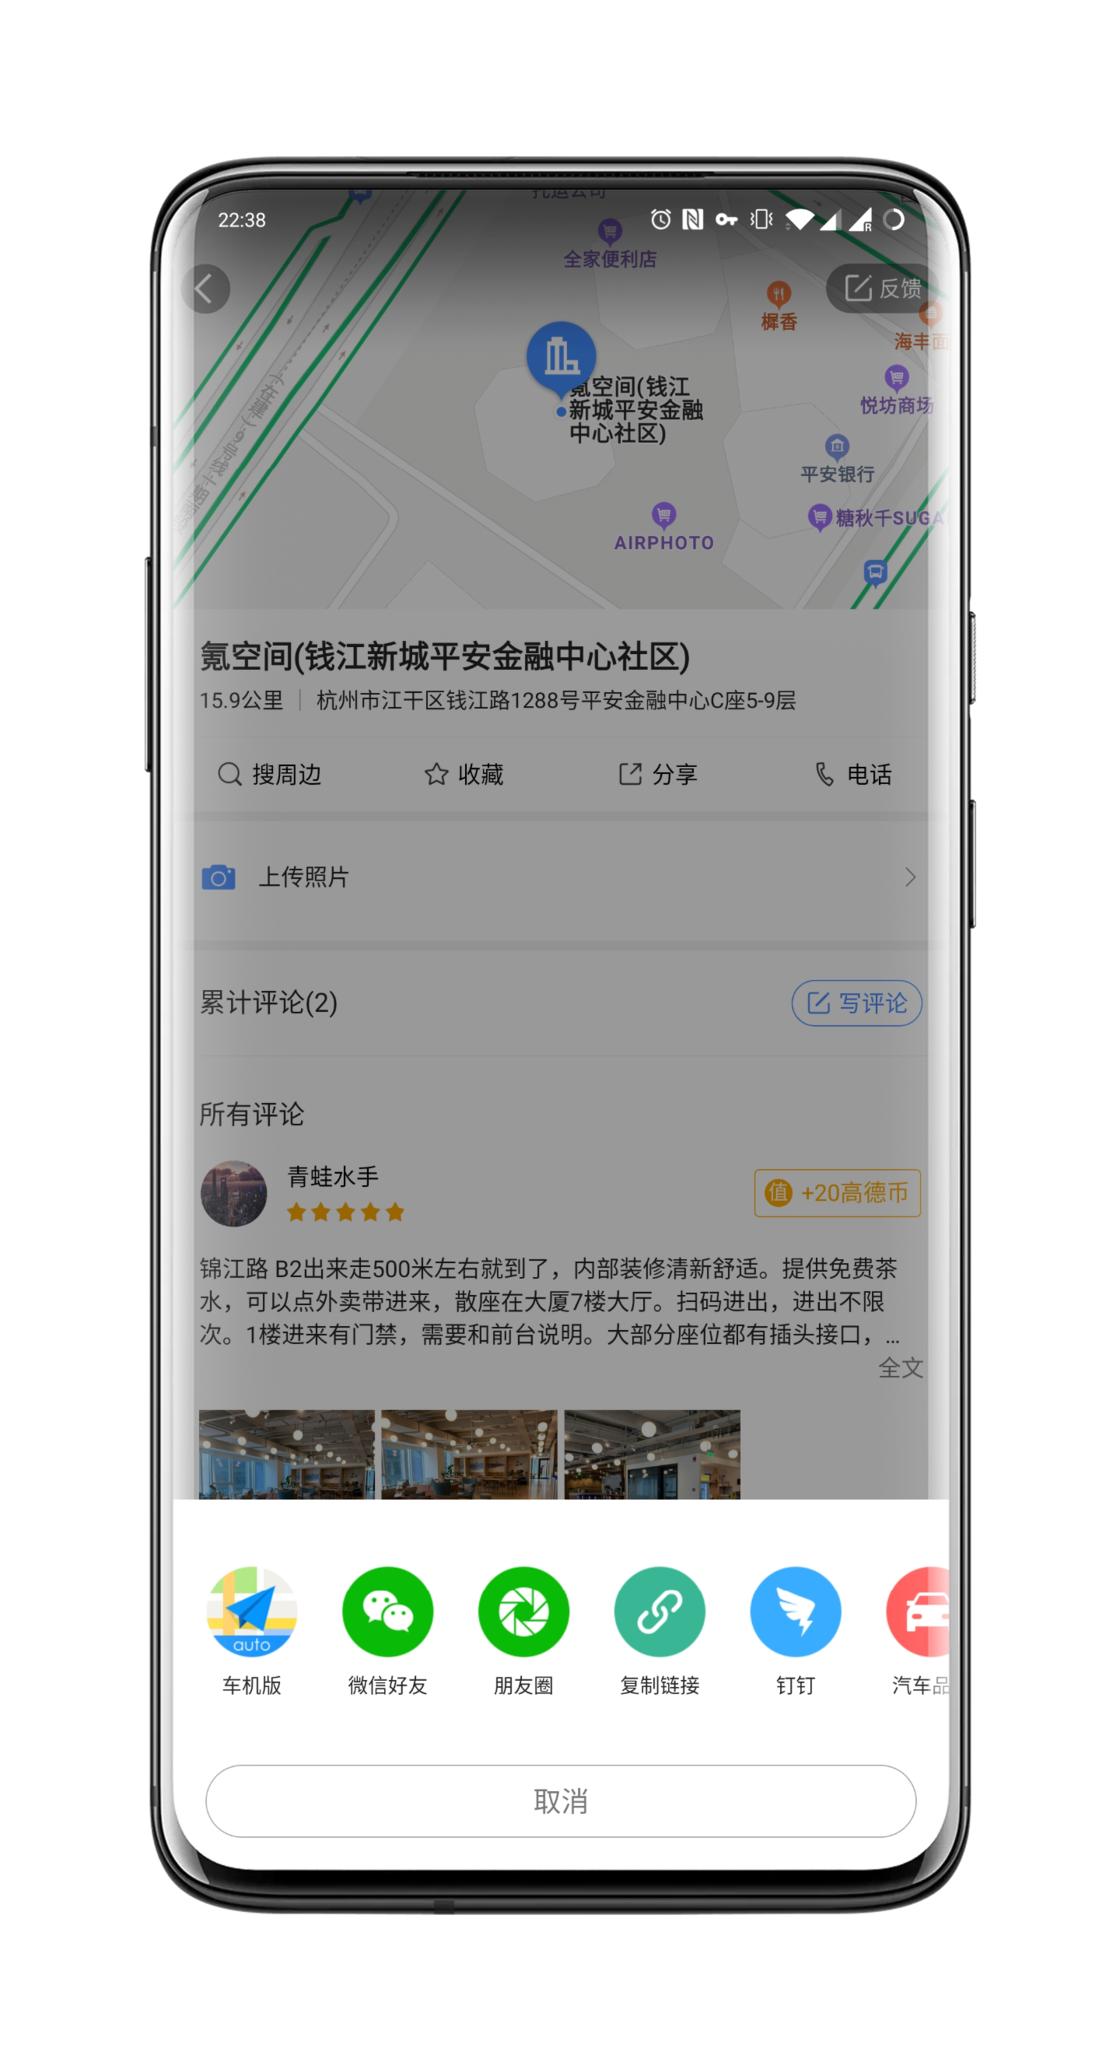 高德地图手机 App 将位置信息分享给车机地图